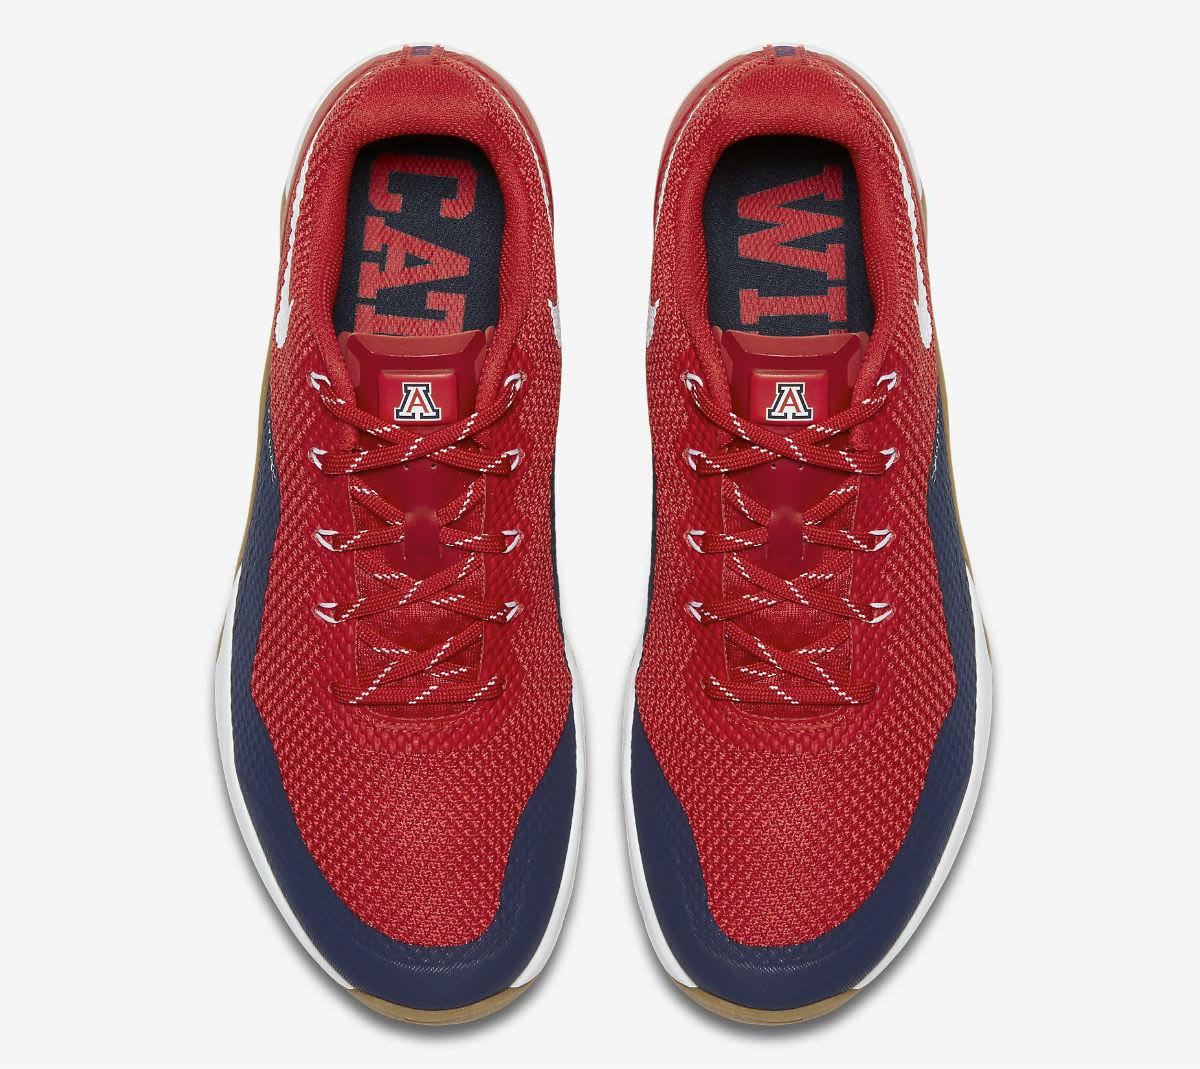 Nike Metcon Repper DSX Arizona Release Date (2)